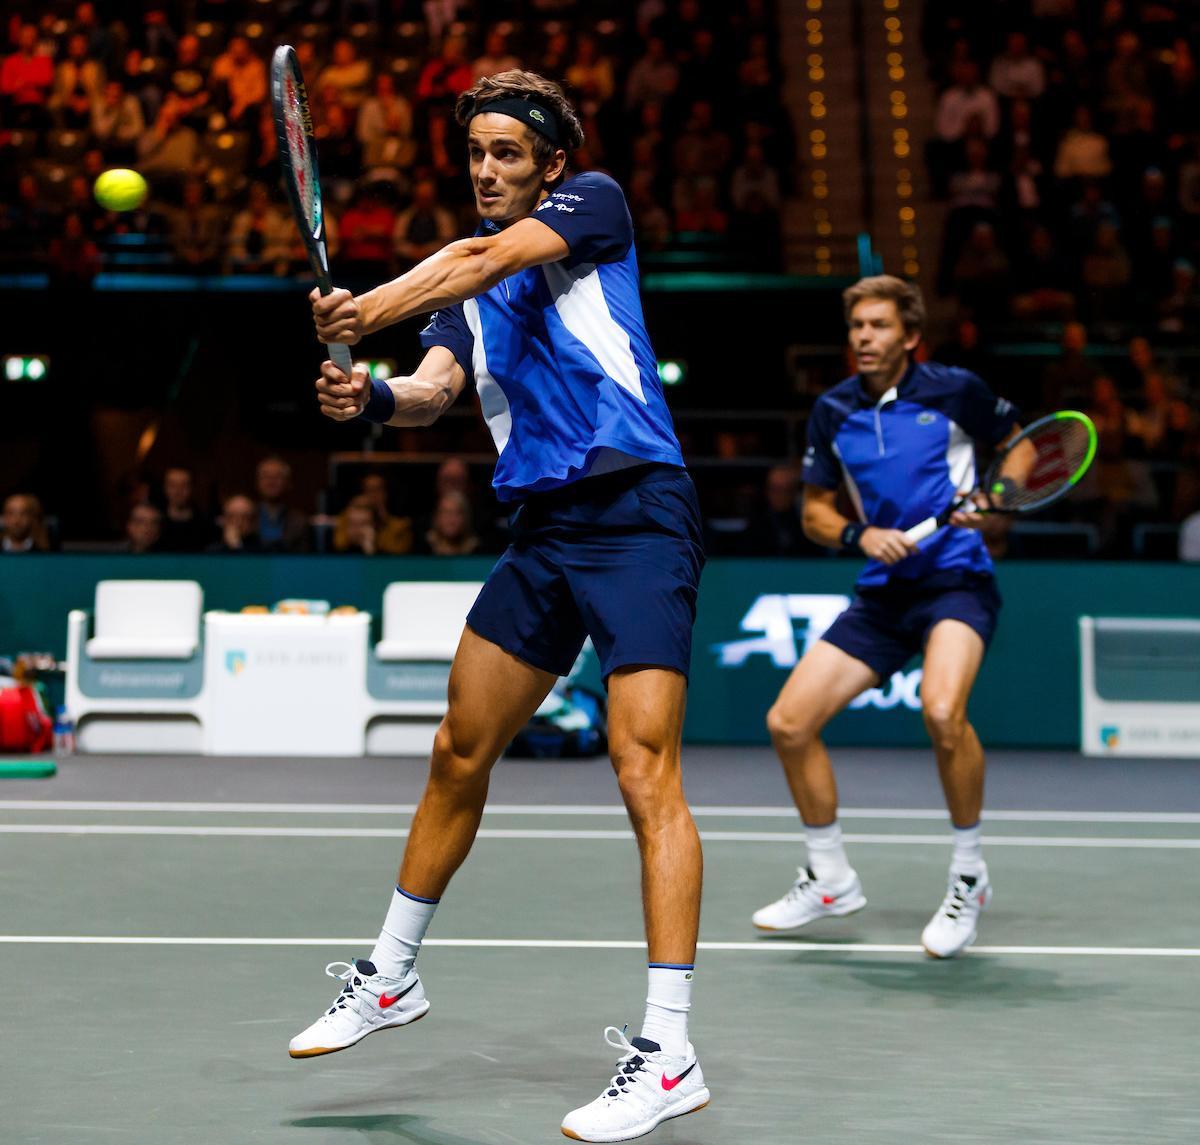 Herbert/Mahut favoriet in dubbelfinale